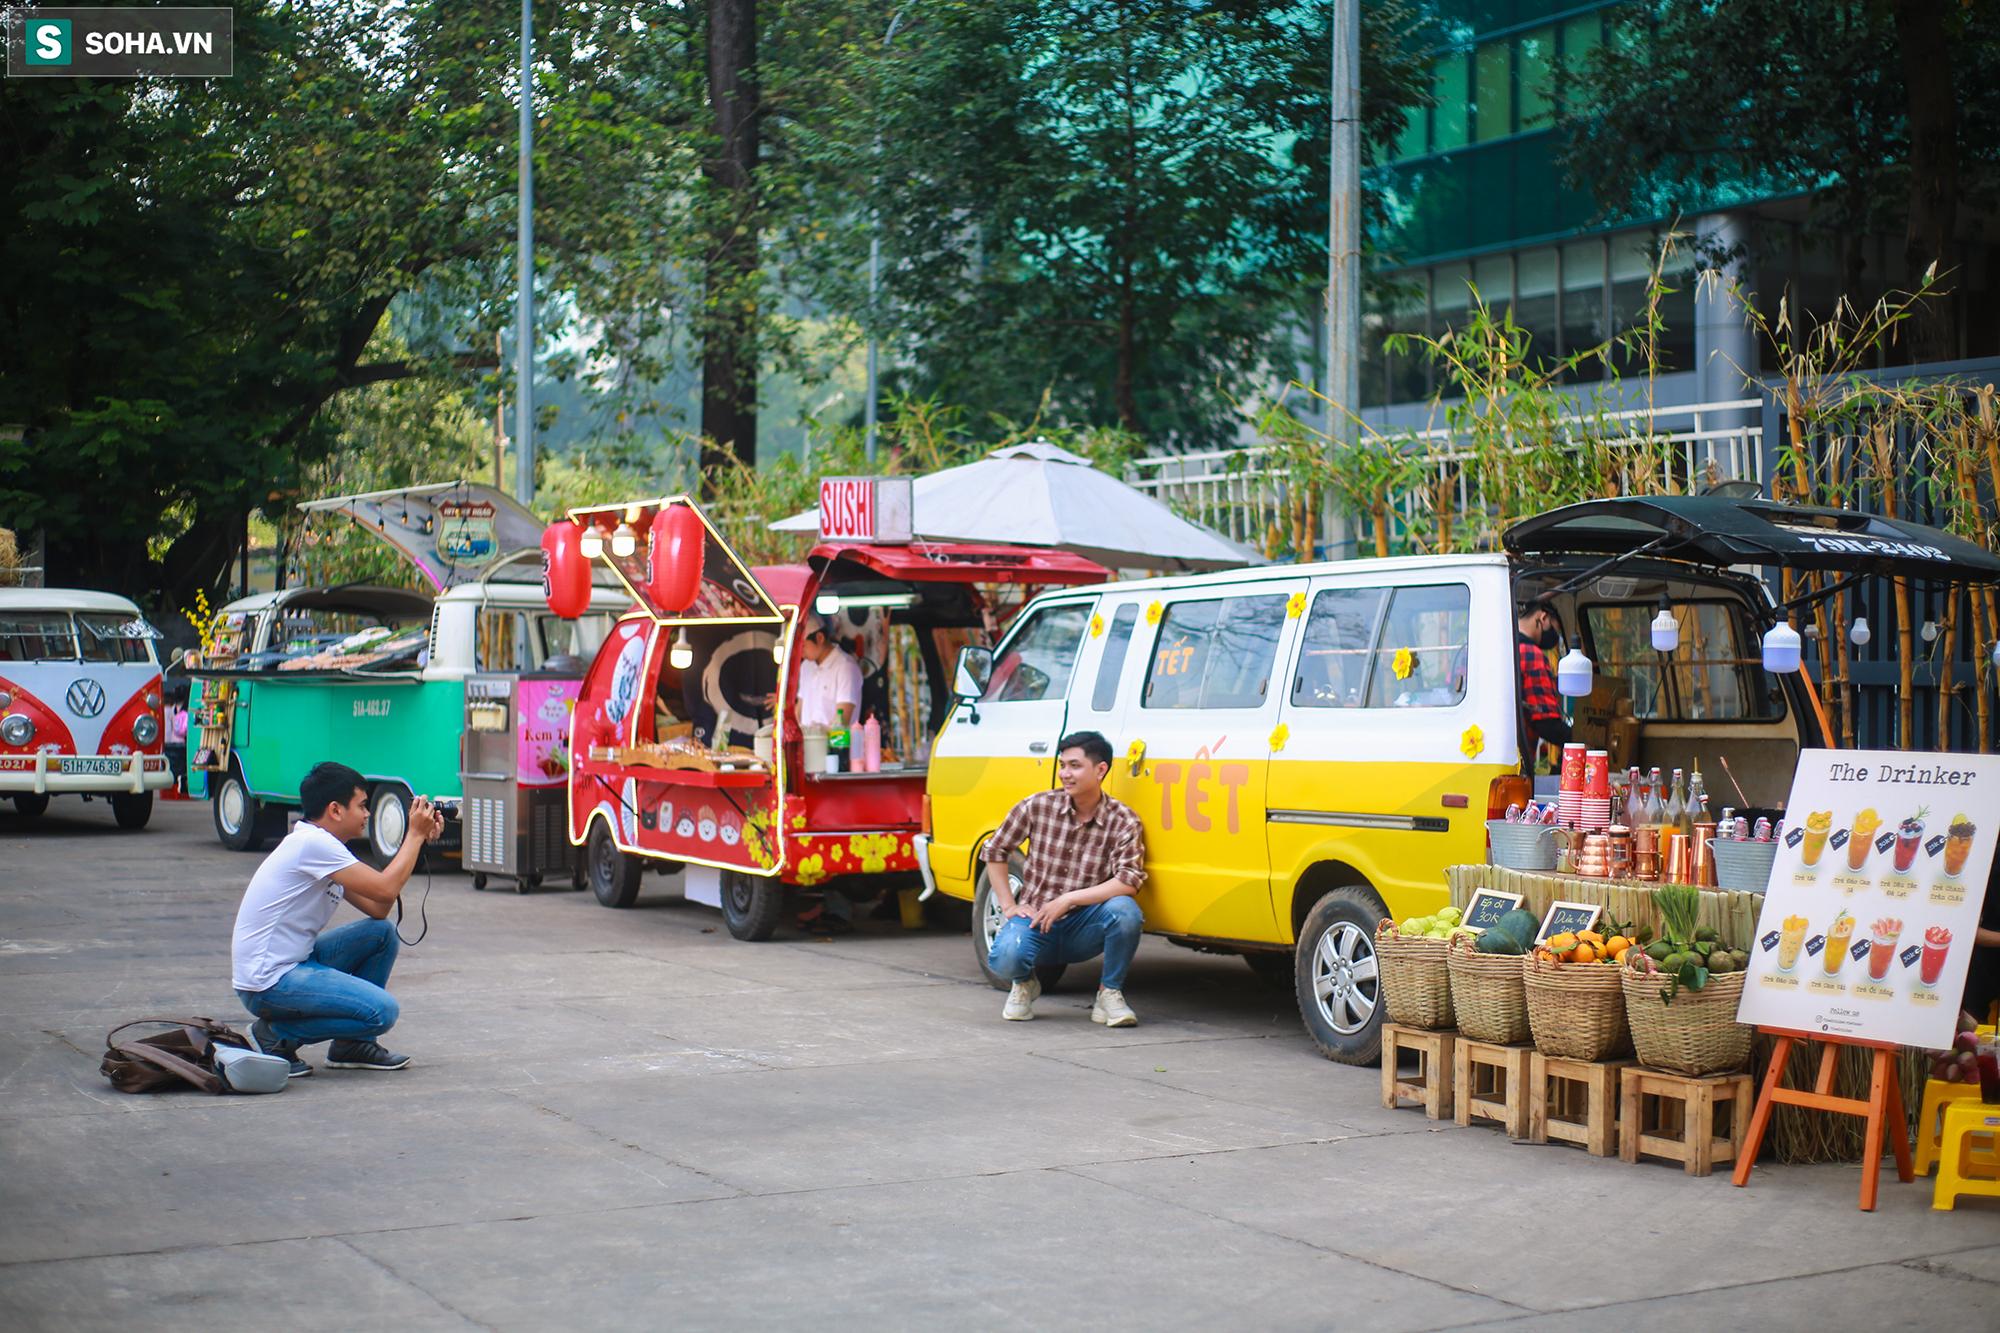 [Ảnh] Thiếu nữ Sài Gòn xinh đẹp xúng xính áo dài check-in sống ảo ở con đường hoa mai - Ảnh 12.